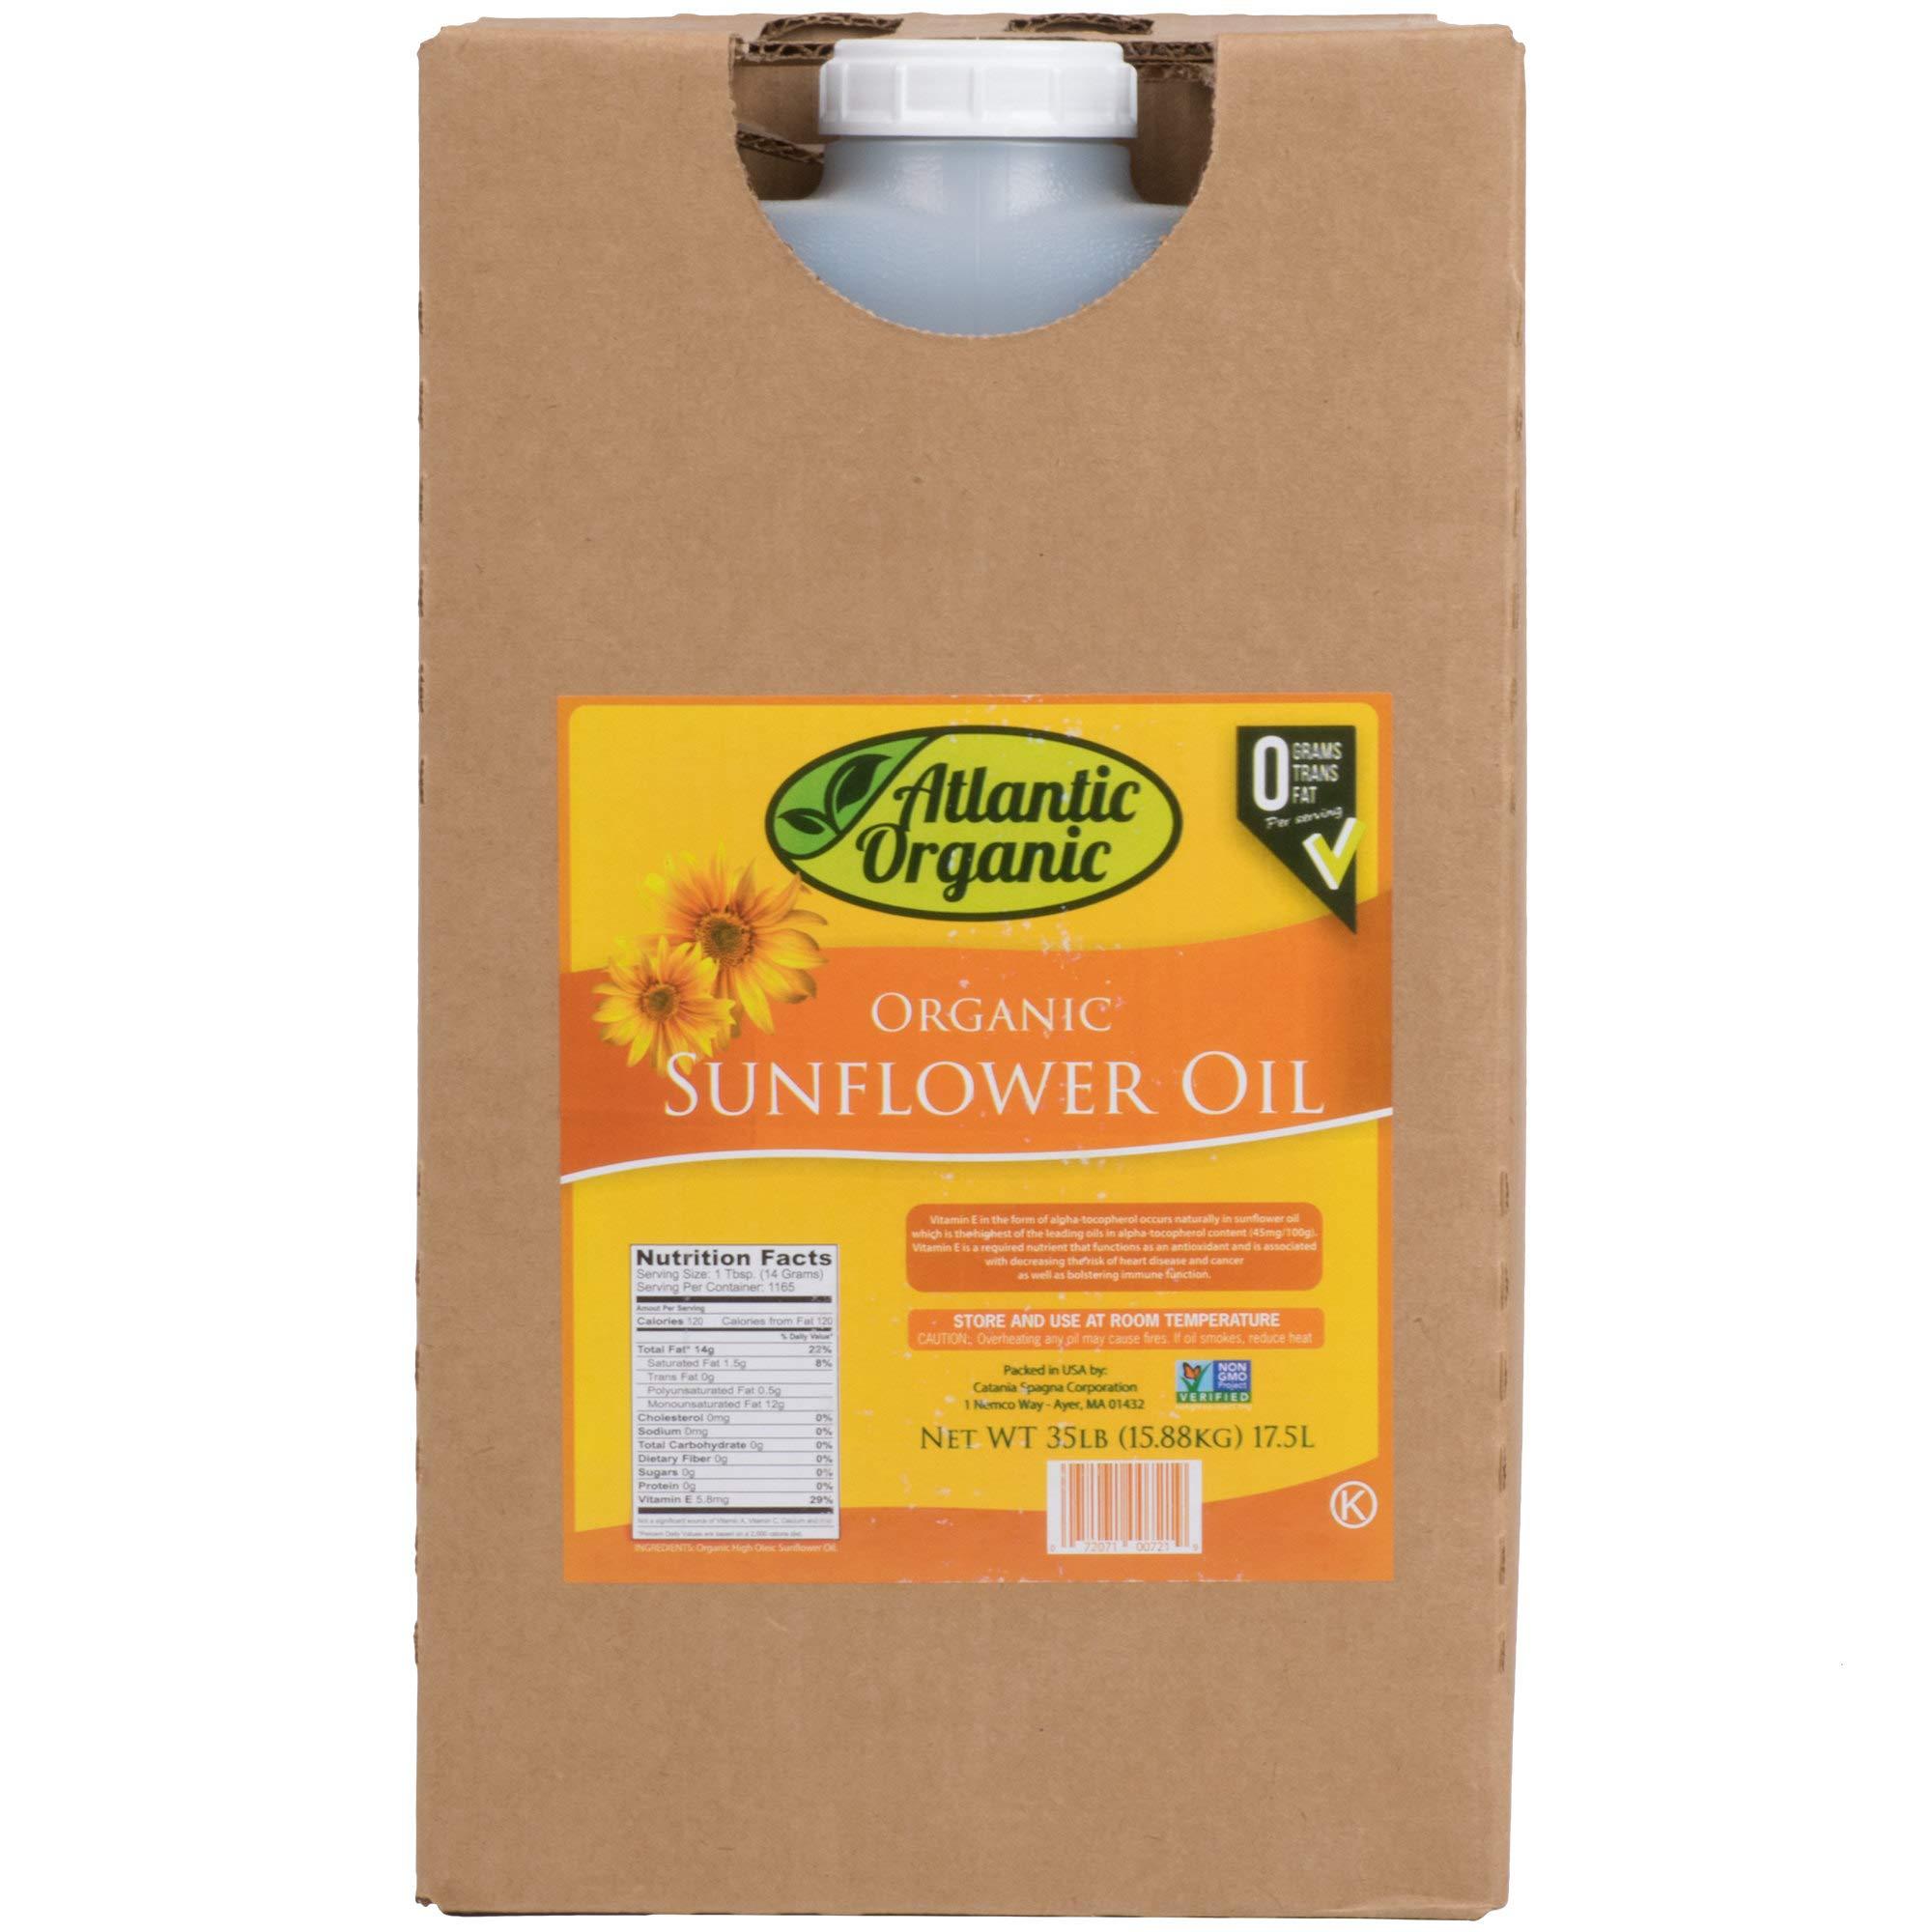 1Dealz 100% Organic Sunflower Oil - 35 lb. by 1Dealz 100% Organic Sunflower Oil - 35 lb.